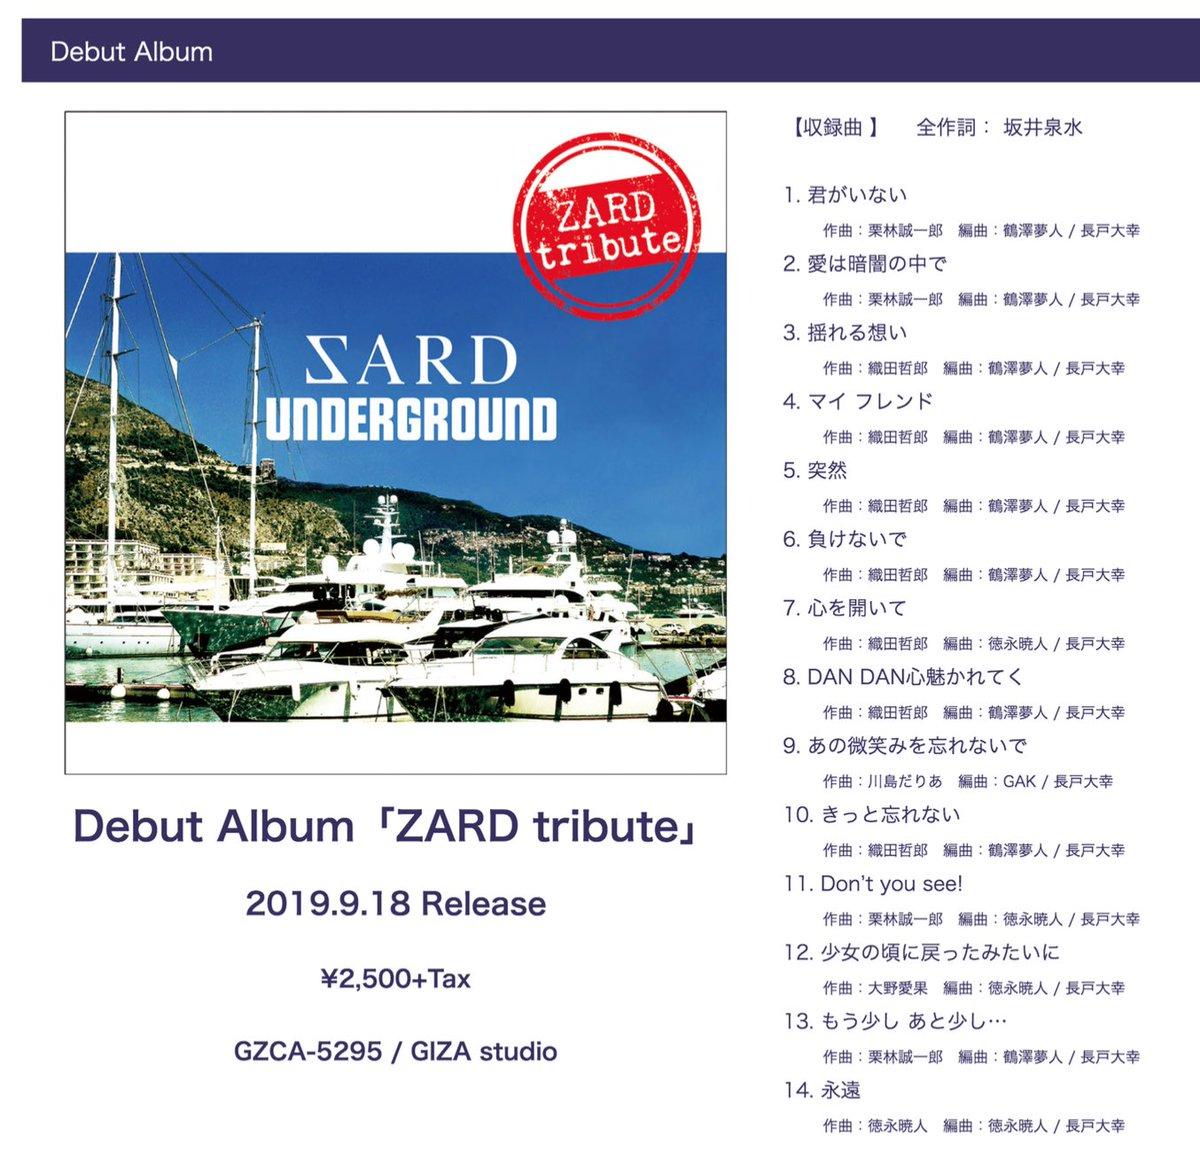 アンダー zard サード グラウンド 新世代・ZARDトリビュートバンド「サードアンダーグラウンド」カバー5曲披露! 「きっと忘れない」の制作秘話も!